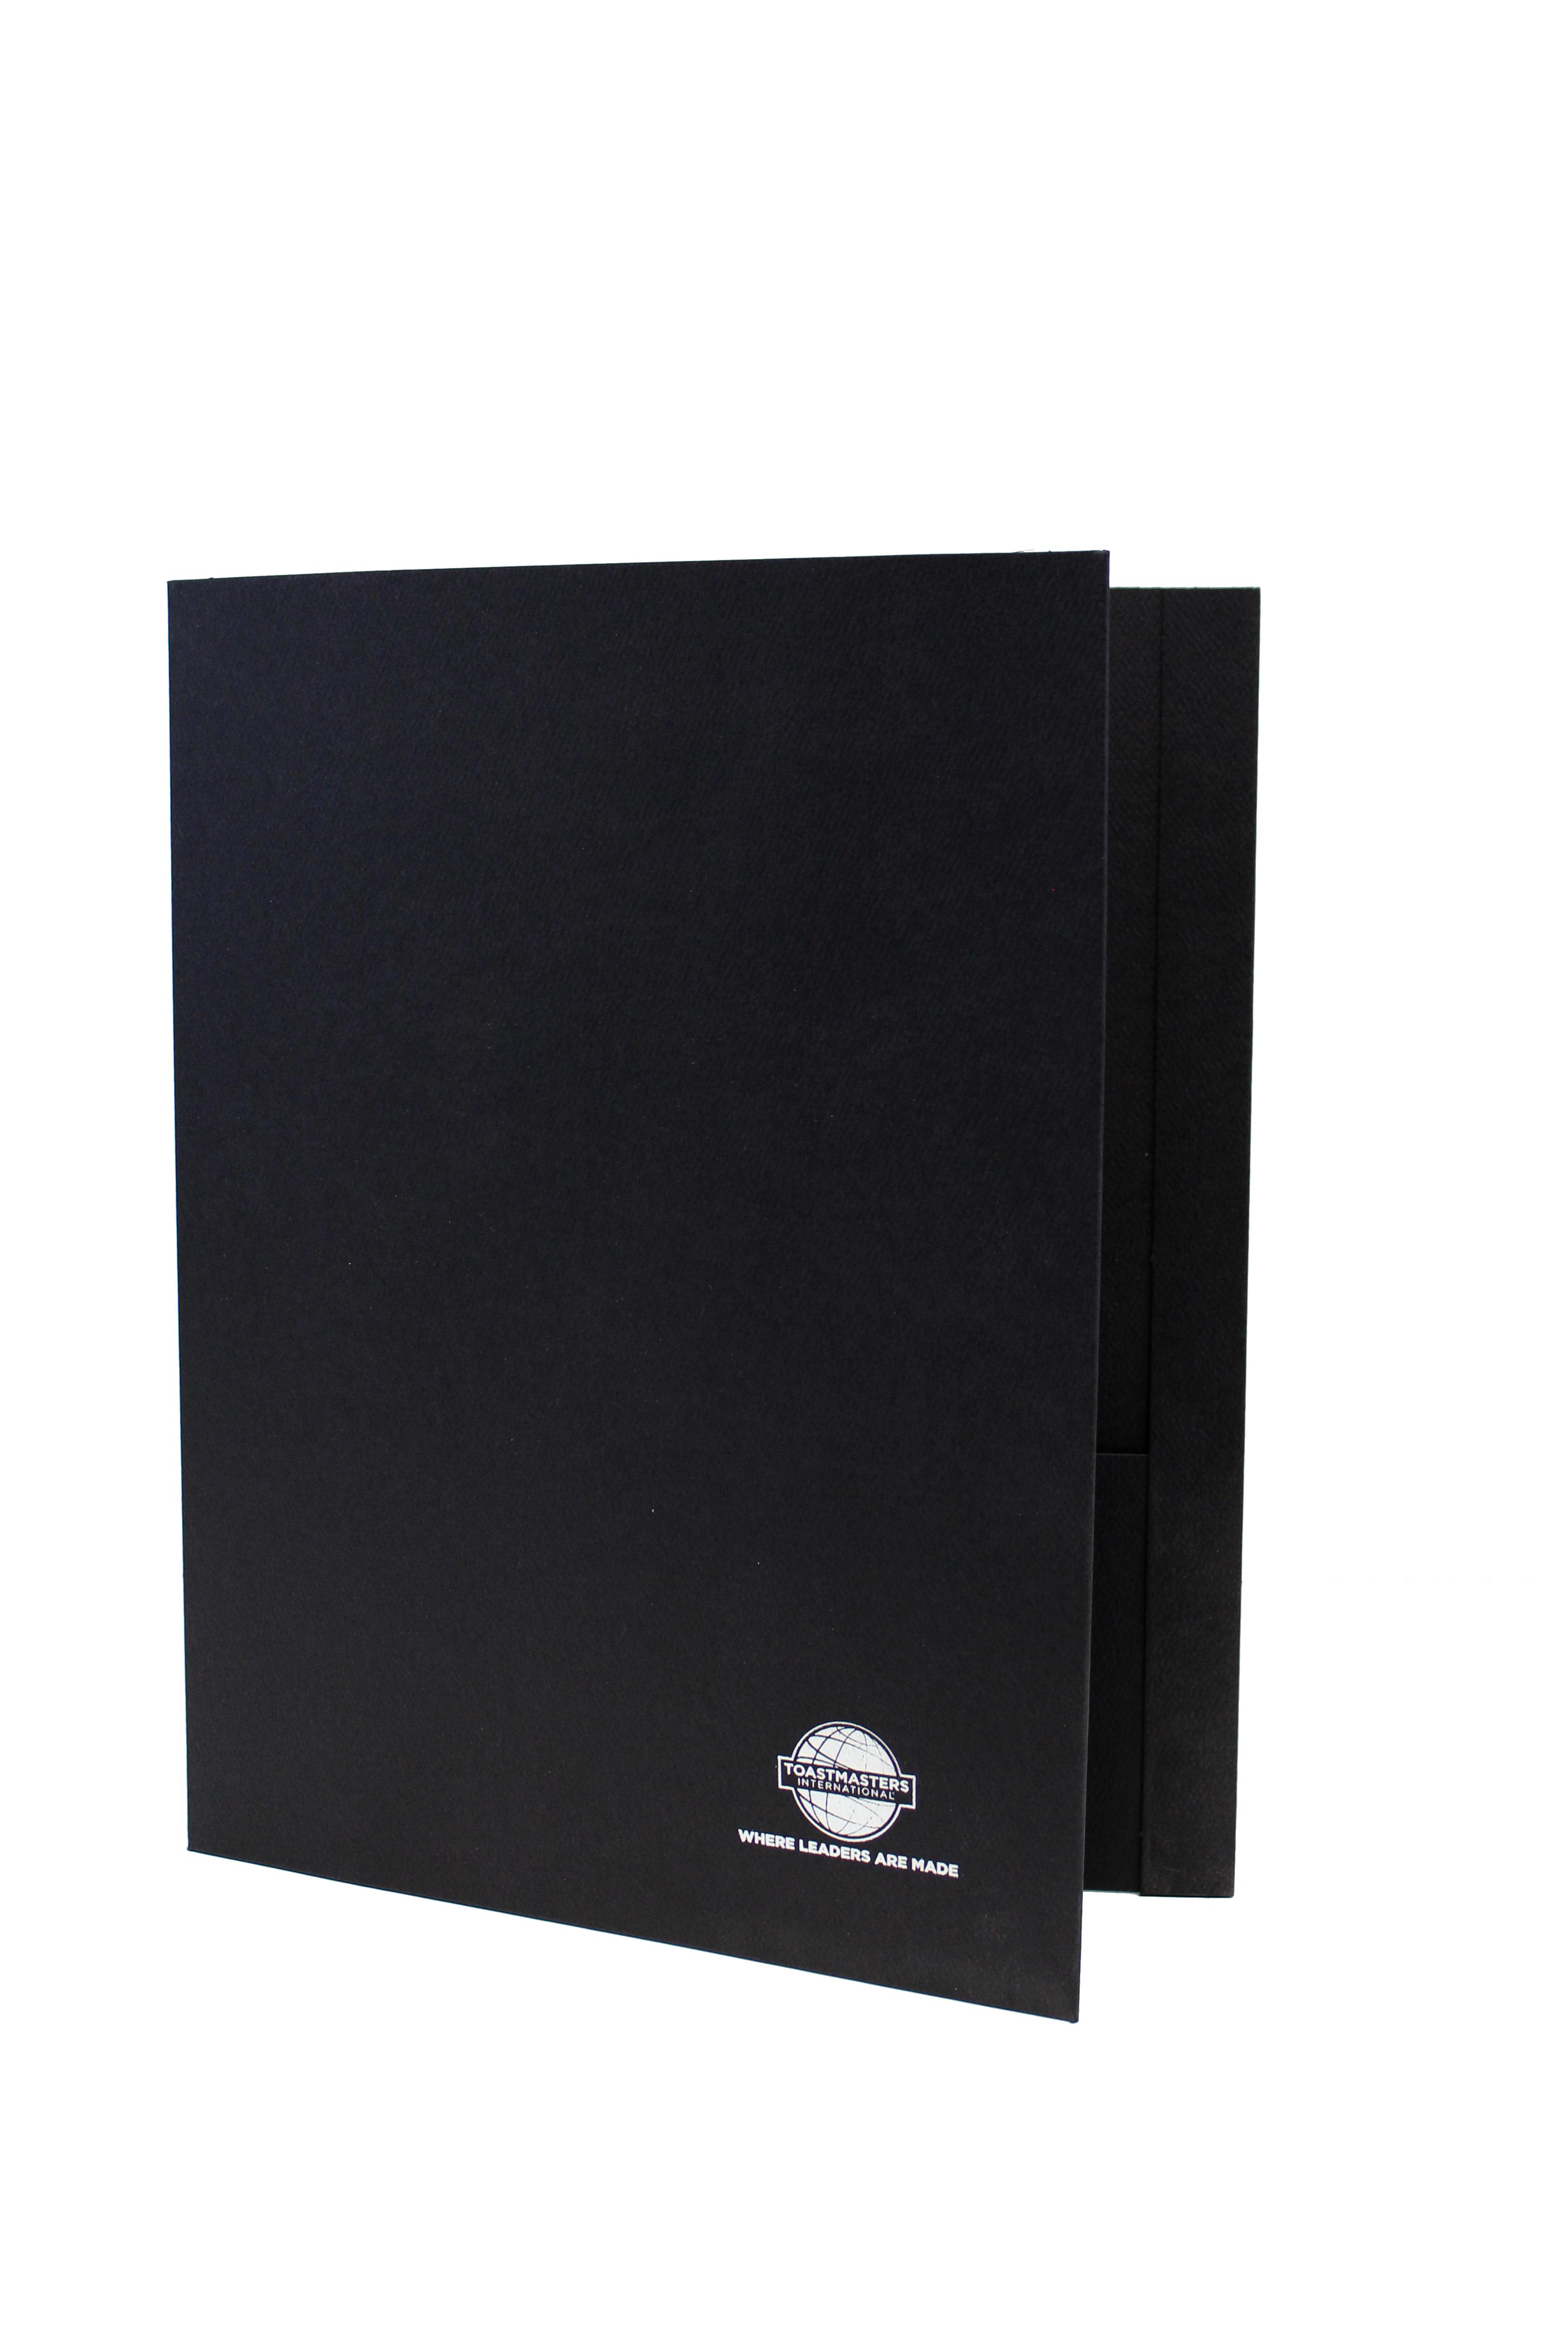 Presentation Folder (set of 25)